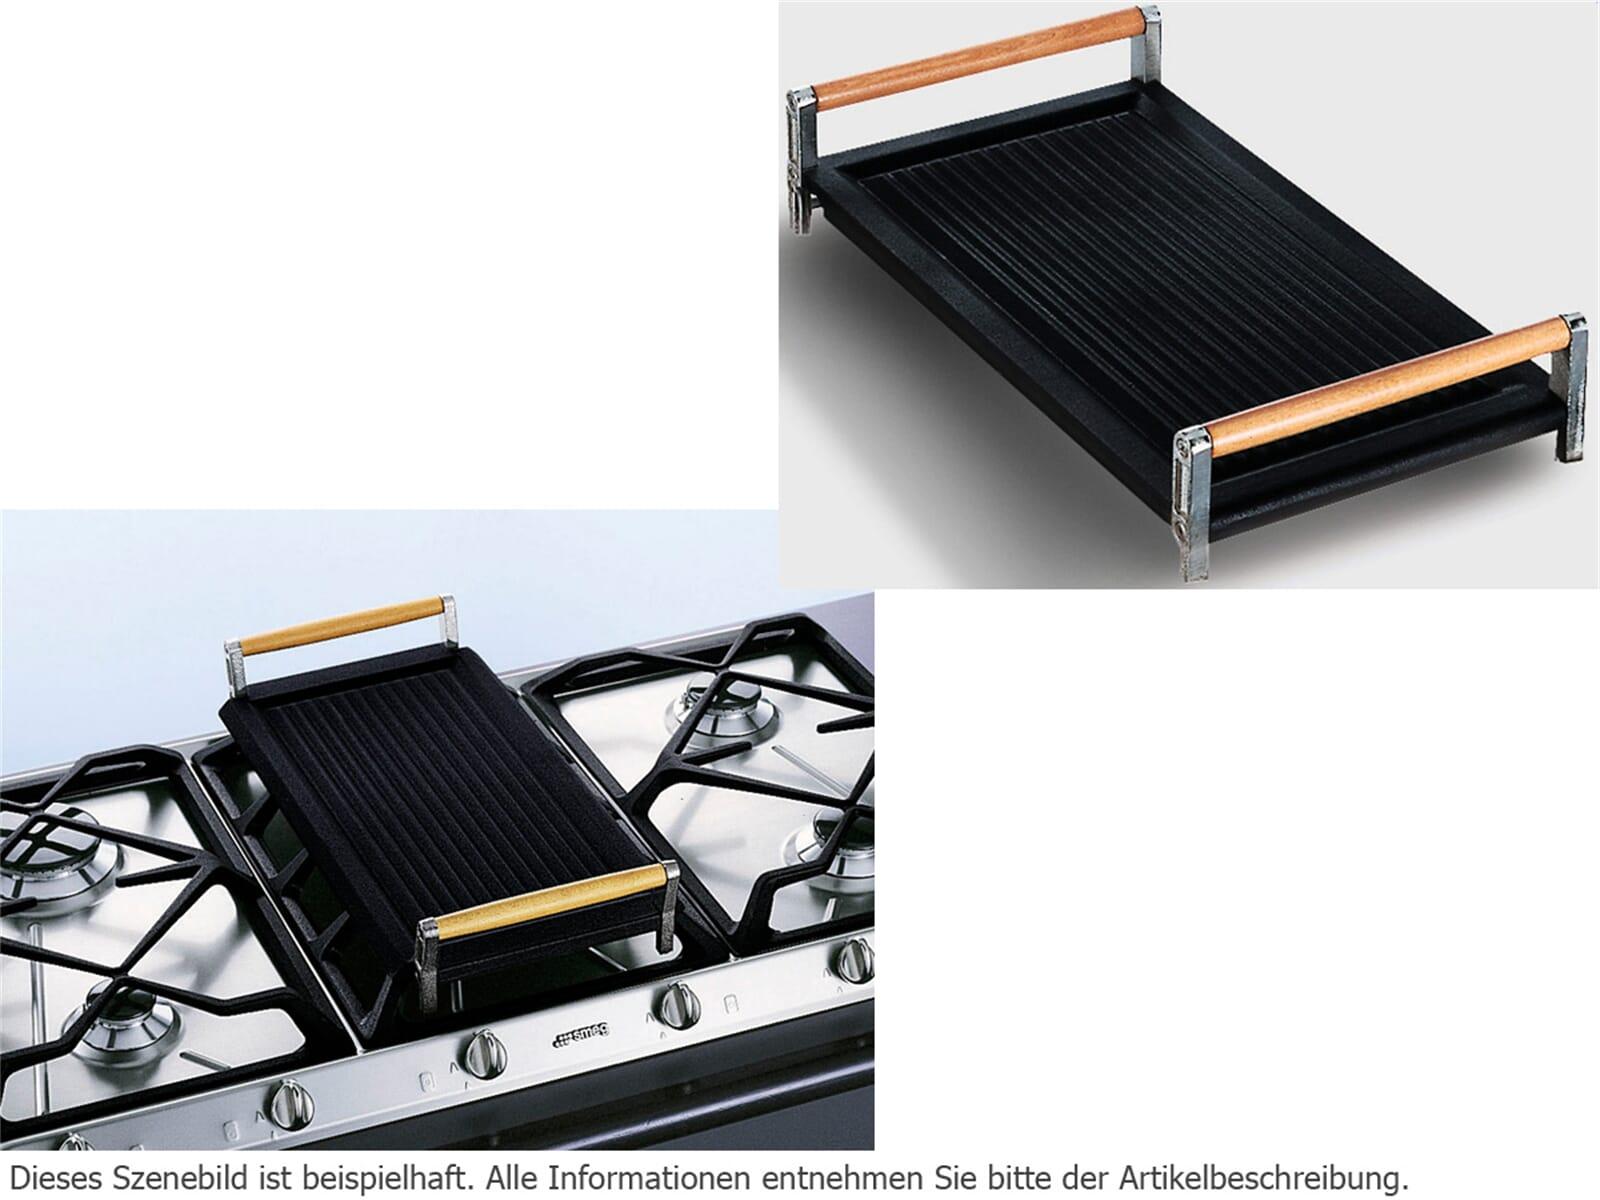 smeg bb3679 grillplatte gusseisen zubeh r gaskochfelder grillaufsatz ebay. Black Bedroom Furniture Sets. Home Design Ideas